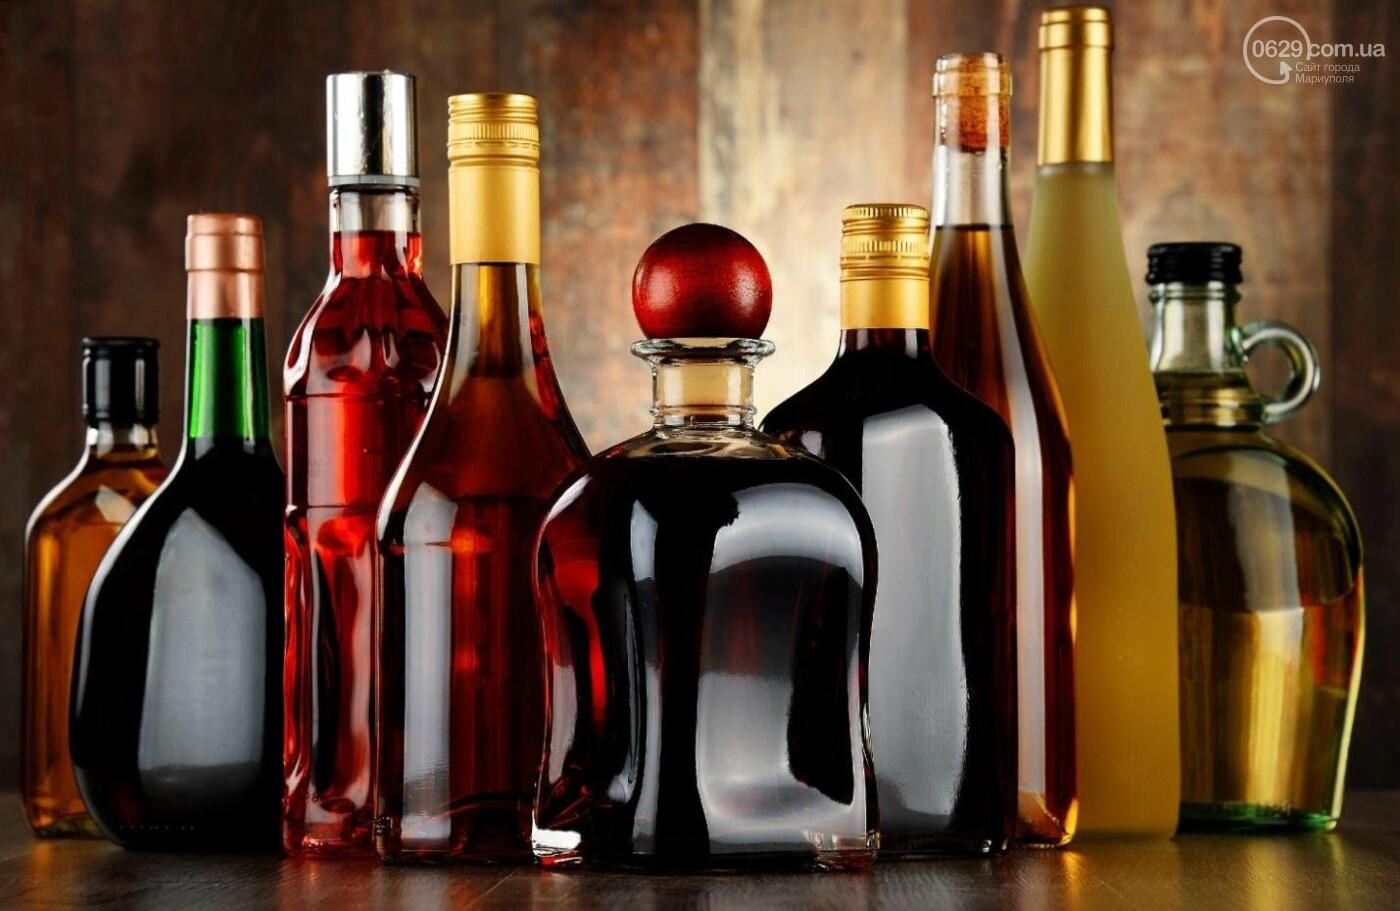 Где приобрести качественный алкоголь по хорошей цене для любого мероприятия?, фото-1